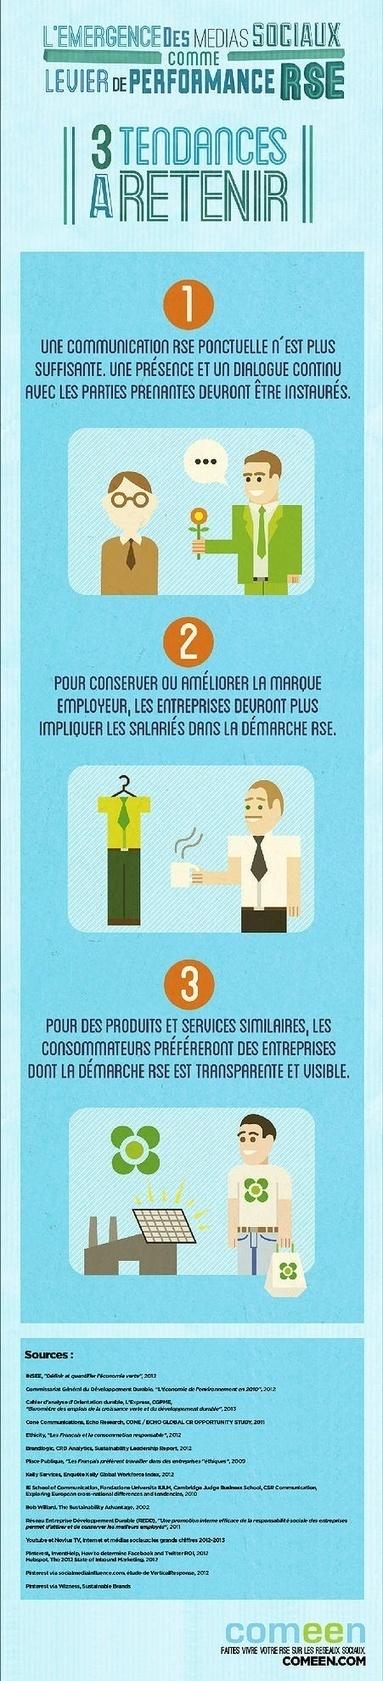 Infographie : 3 tendances à retenir pour la communication sur la RSE | Responsabilité sociale et environnementale | Scoop.it